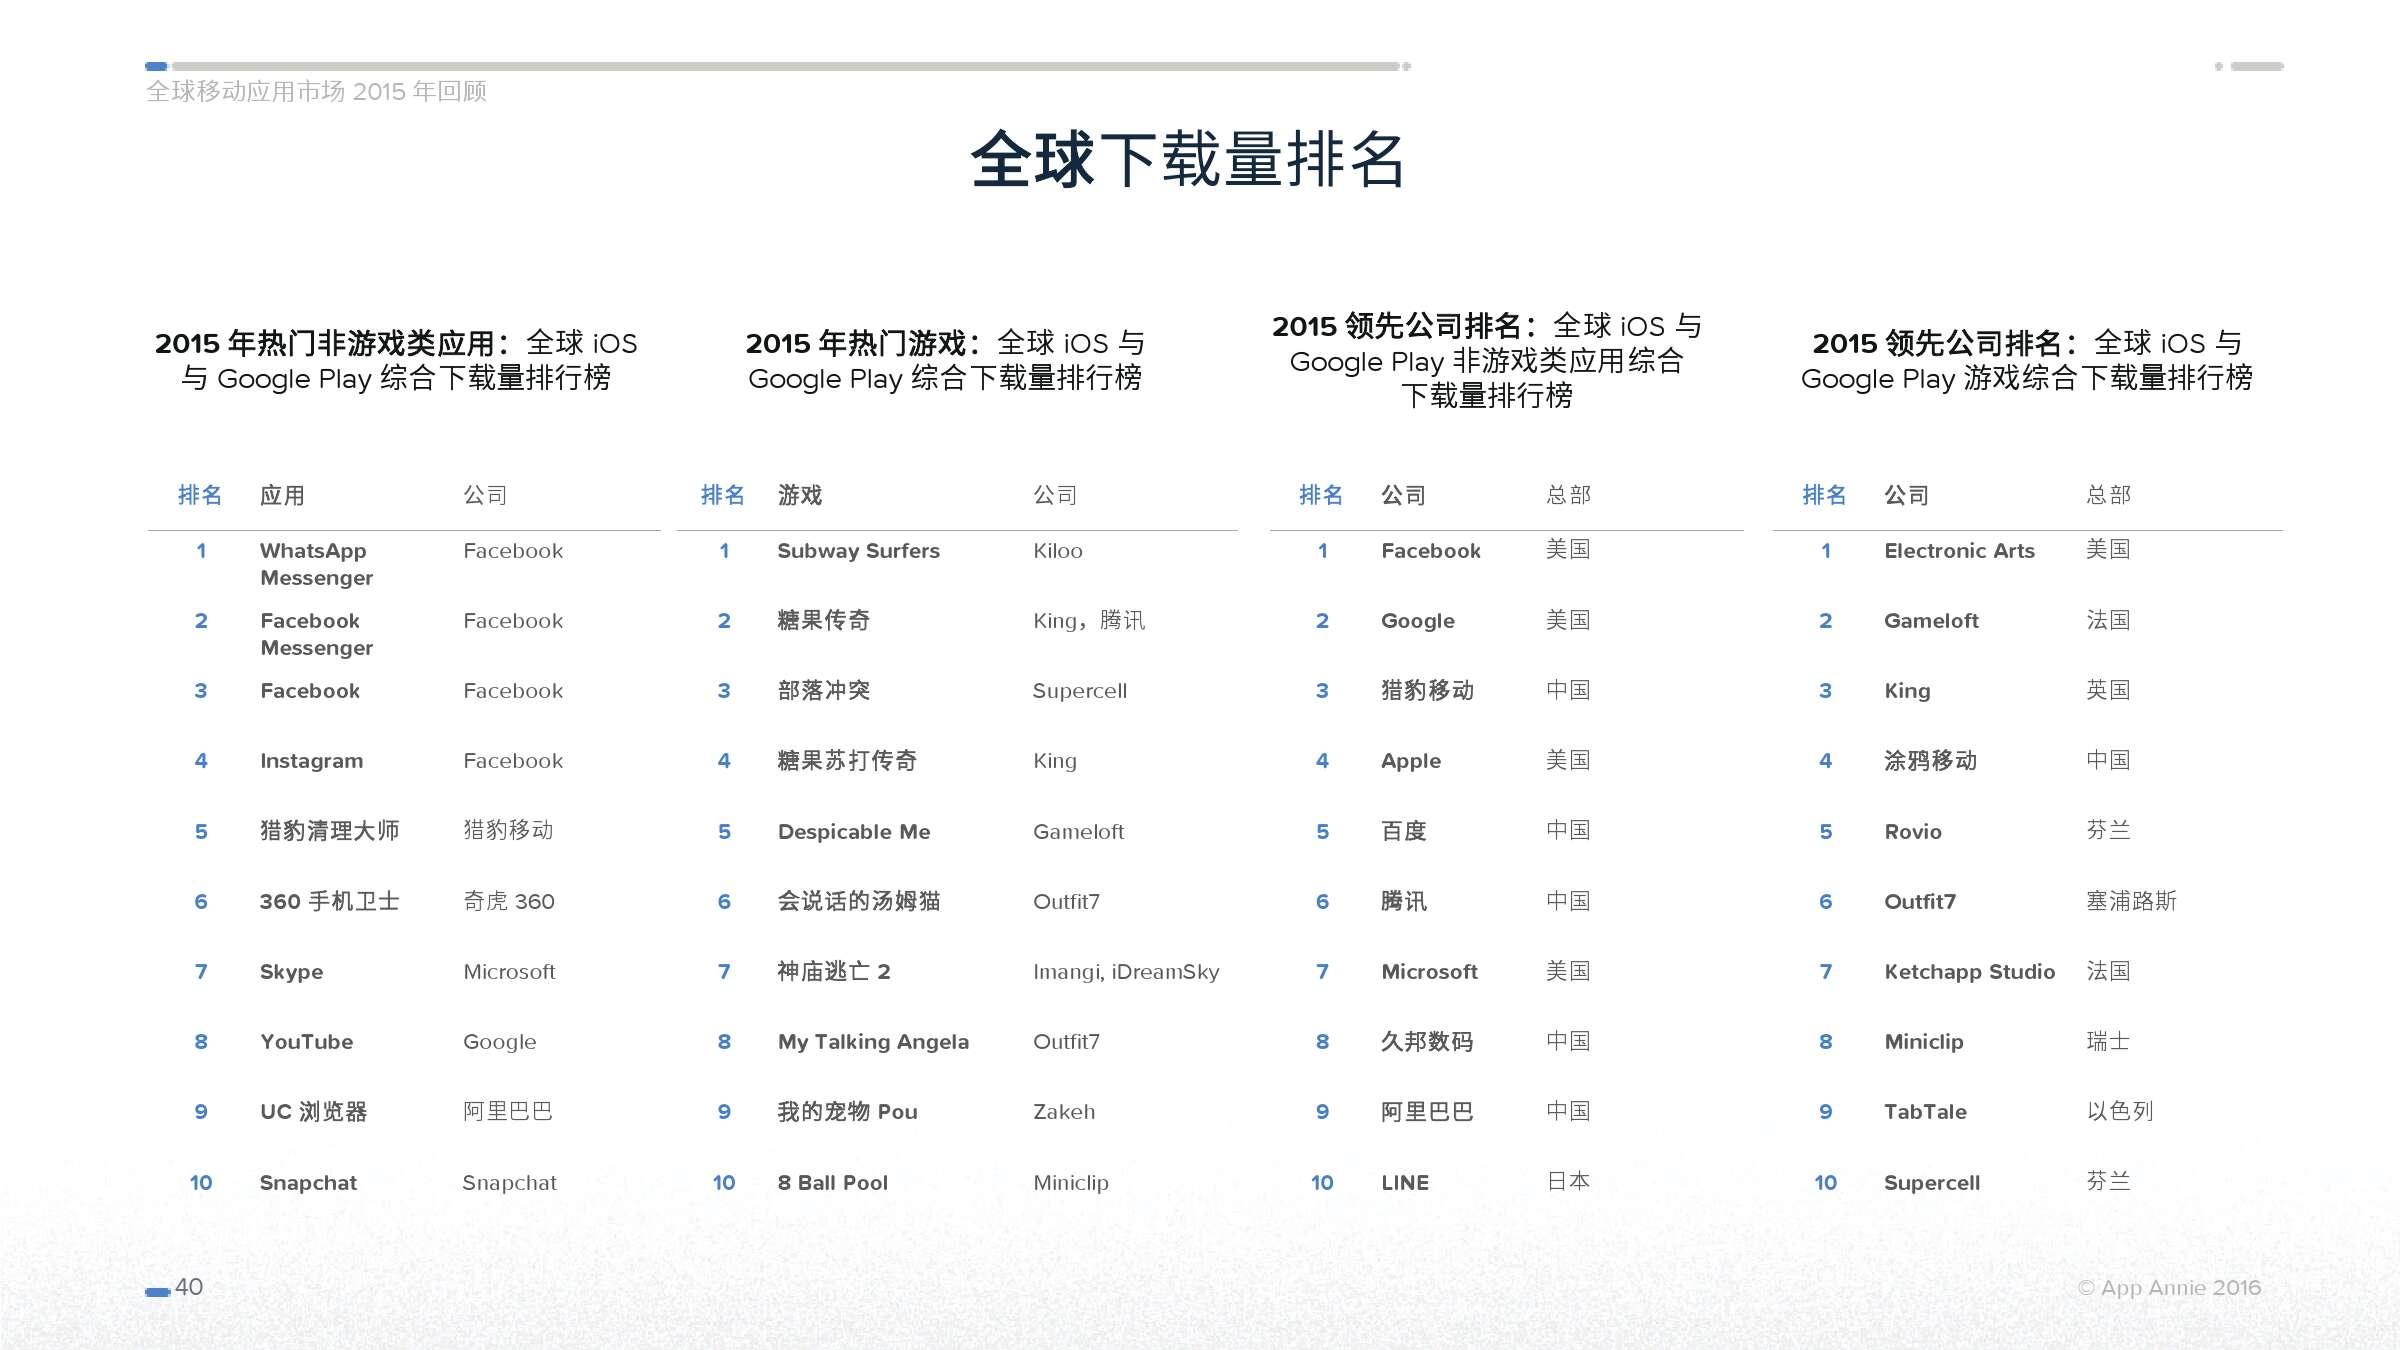 App Annie 全球移动应用市场 2015 年回顾_000040